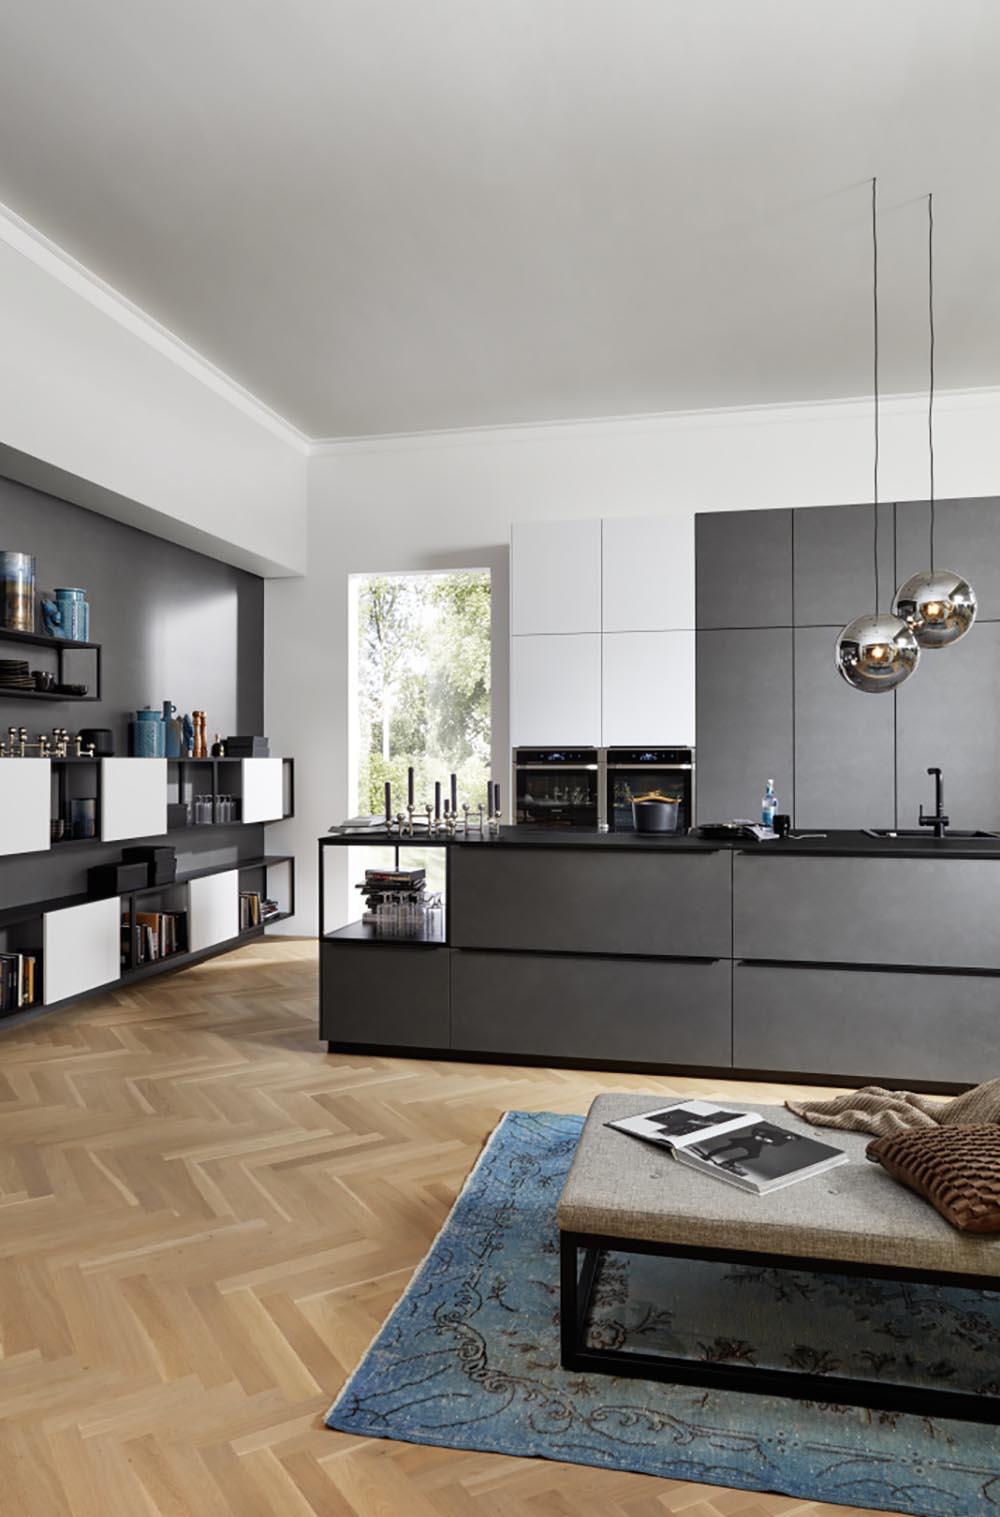 Jolie et grand cuisine intégrée ouverte sur salon moderne gris